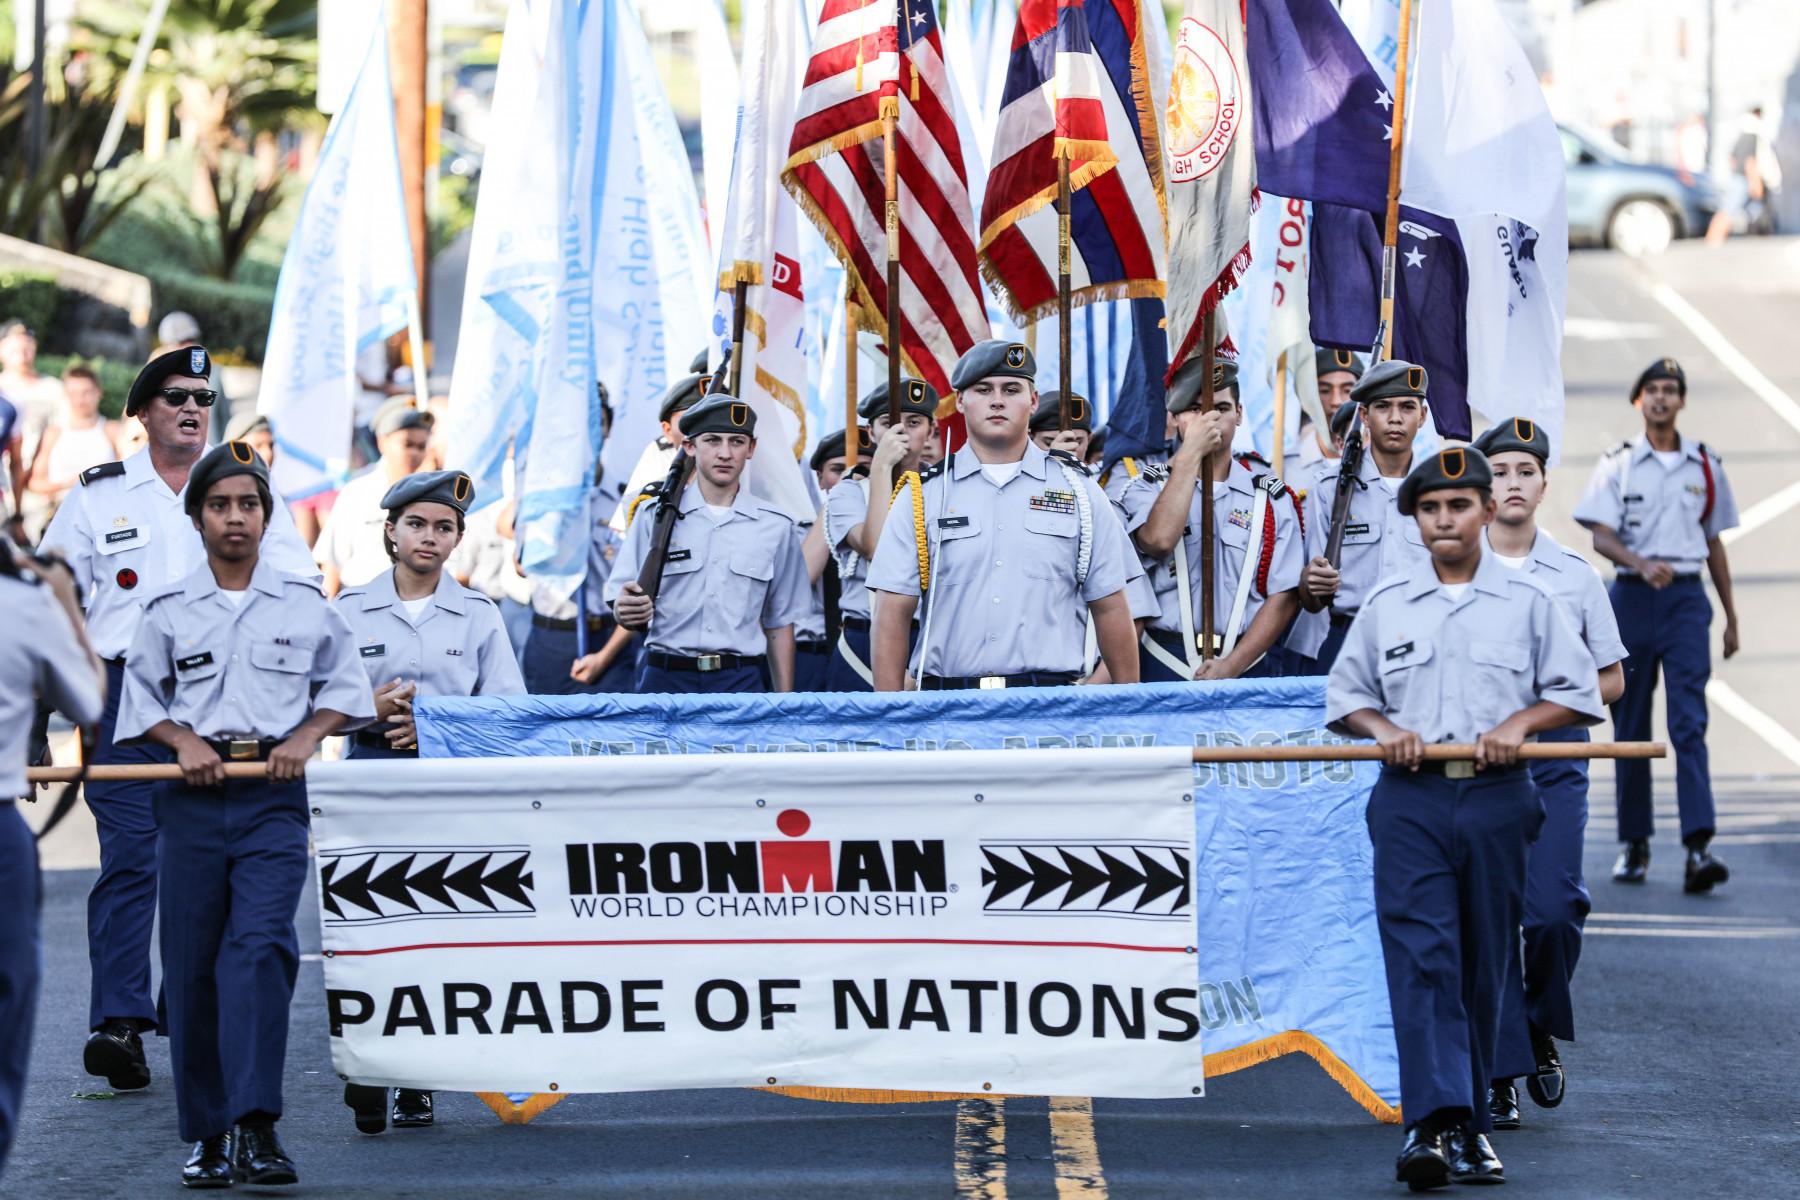 Aus 74 Ländern kommen die Teilnehmer der Ironman-WM auf Hawaii. Vier Tage vor dem großen Rennen ziehen die Athleten mit Pauken und Trompeten über den Alii Drive.